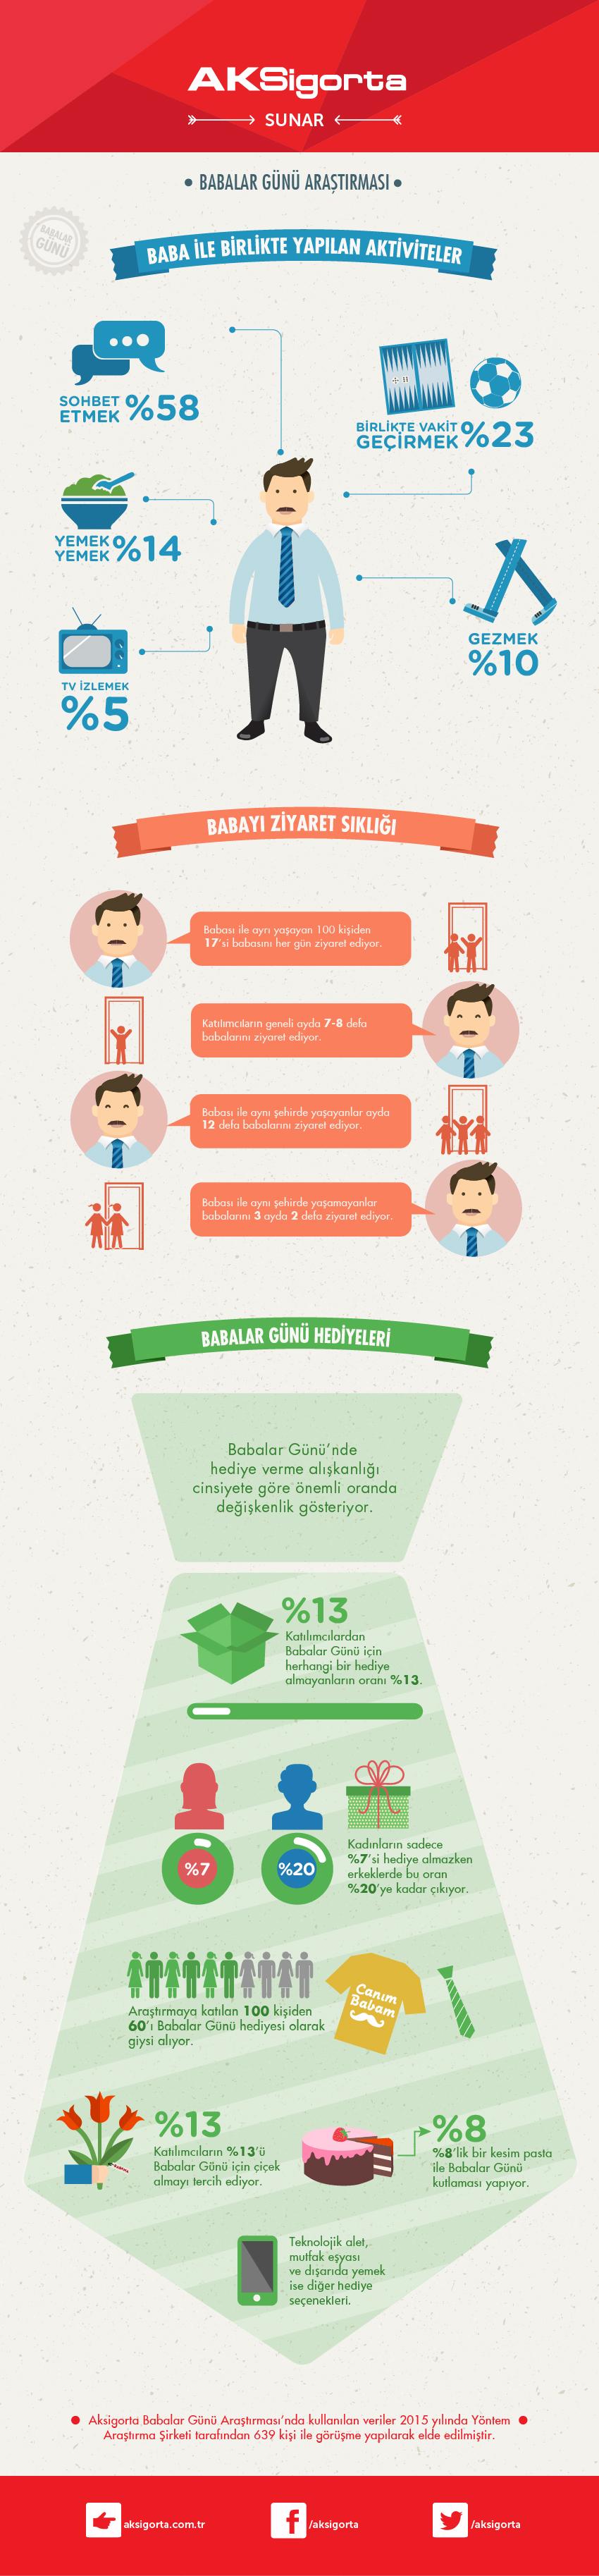 Babalar Gunu_infografigi_2015 (1)